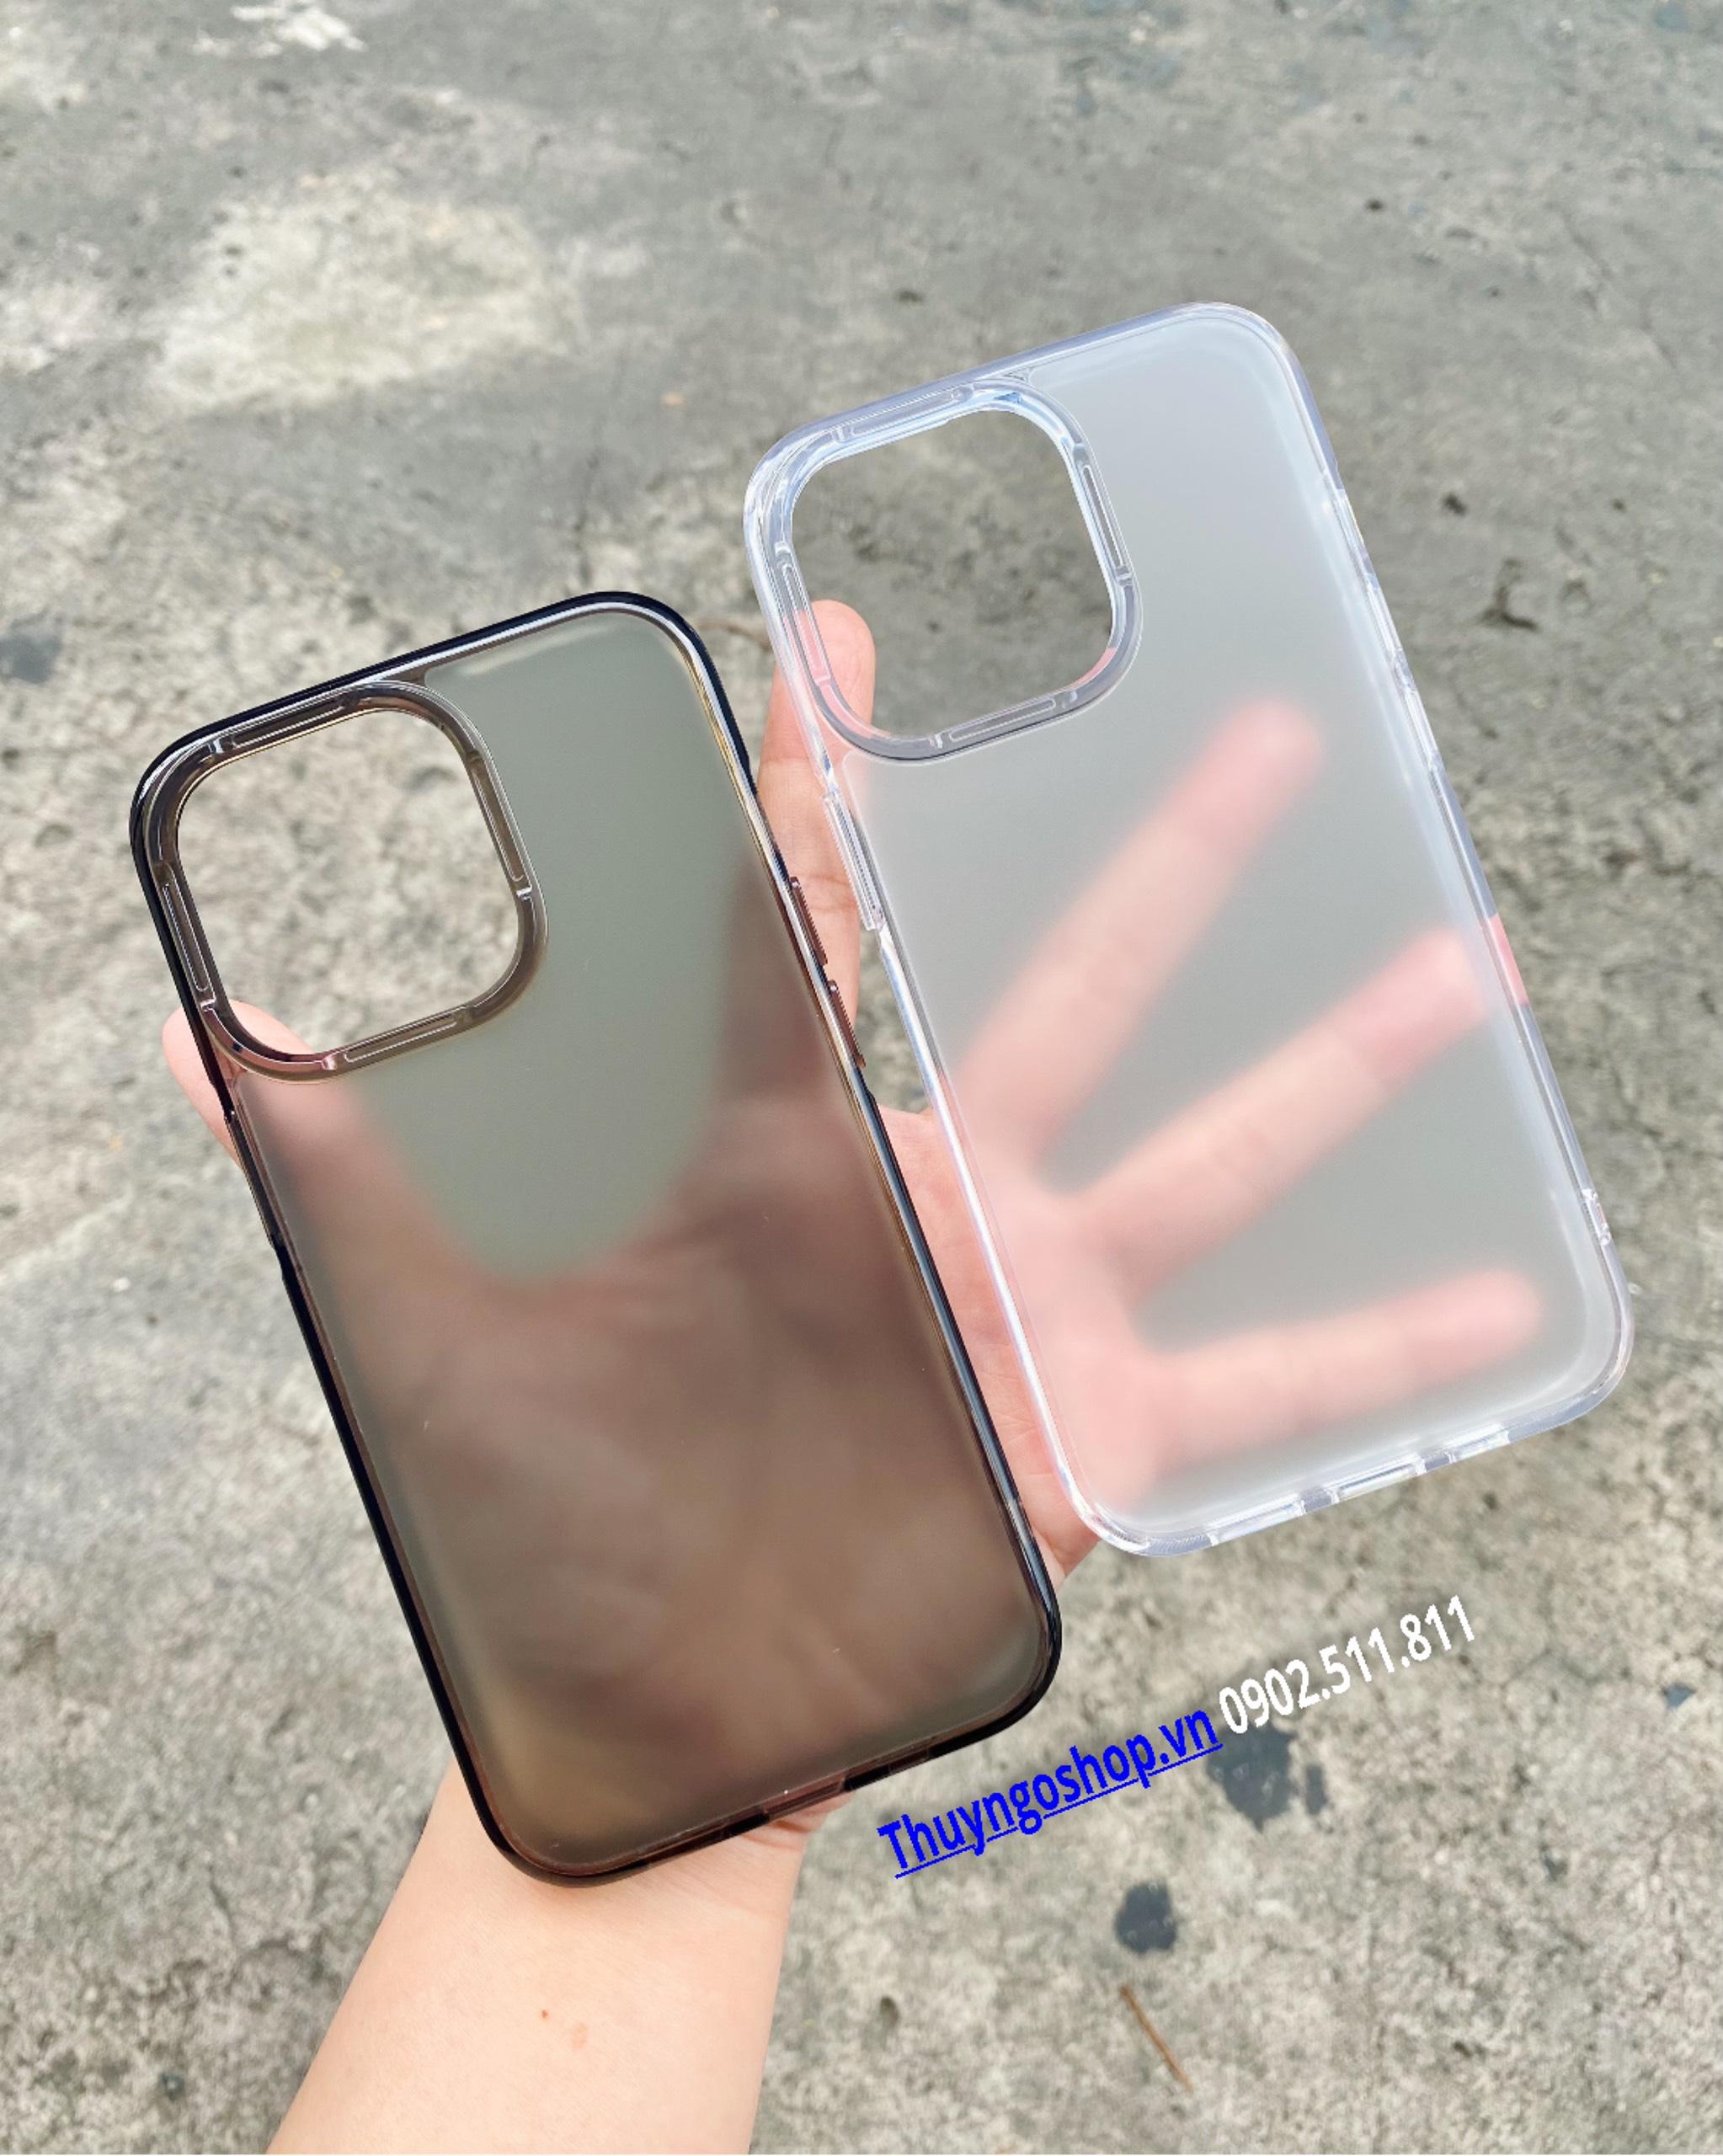 Ốp lưng mờ chống vân tay Iphone 12 Pro Max